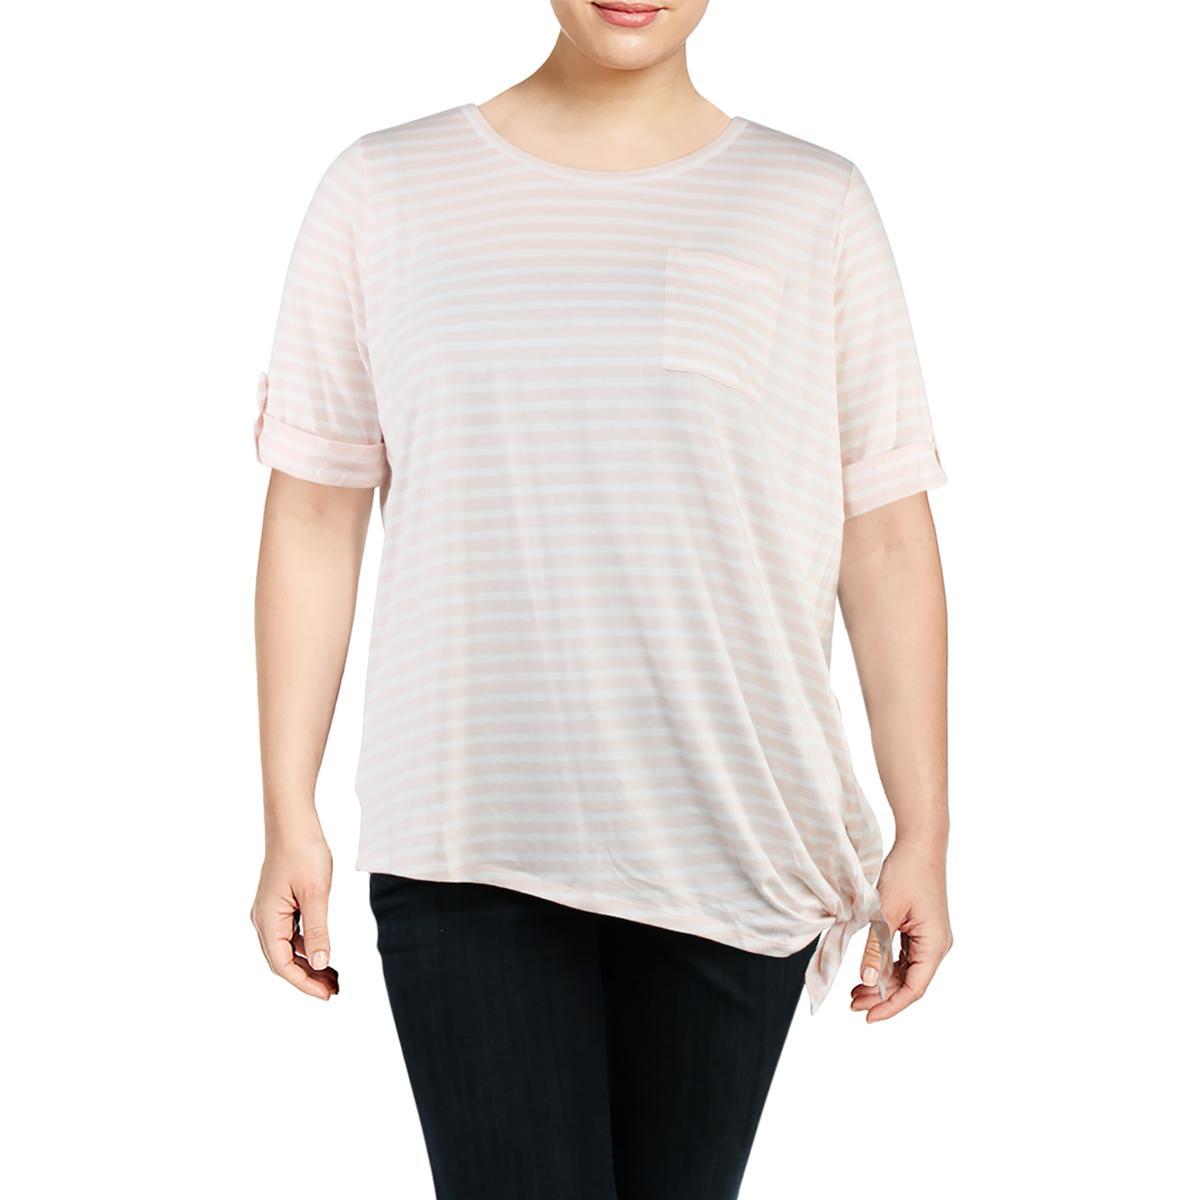 41253516167 Ralph Lauren Plus Size Clothing  Women s Plus - Sears